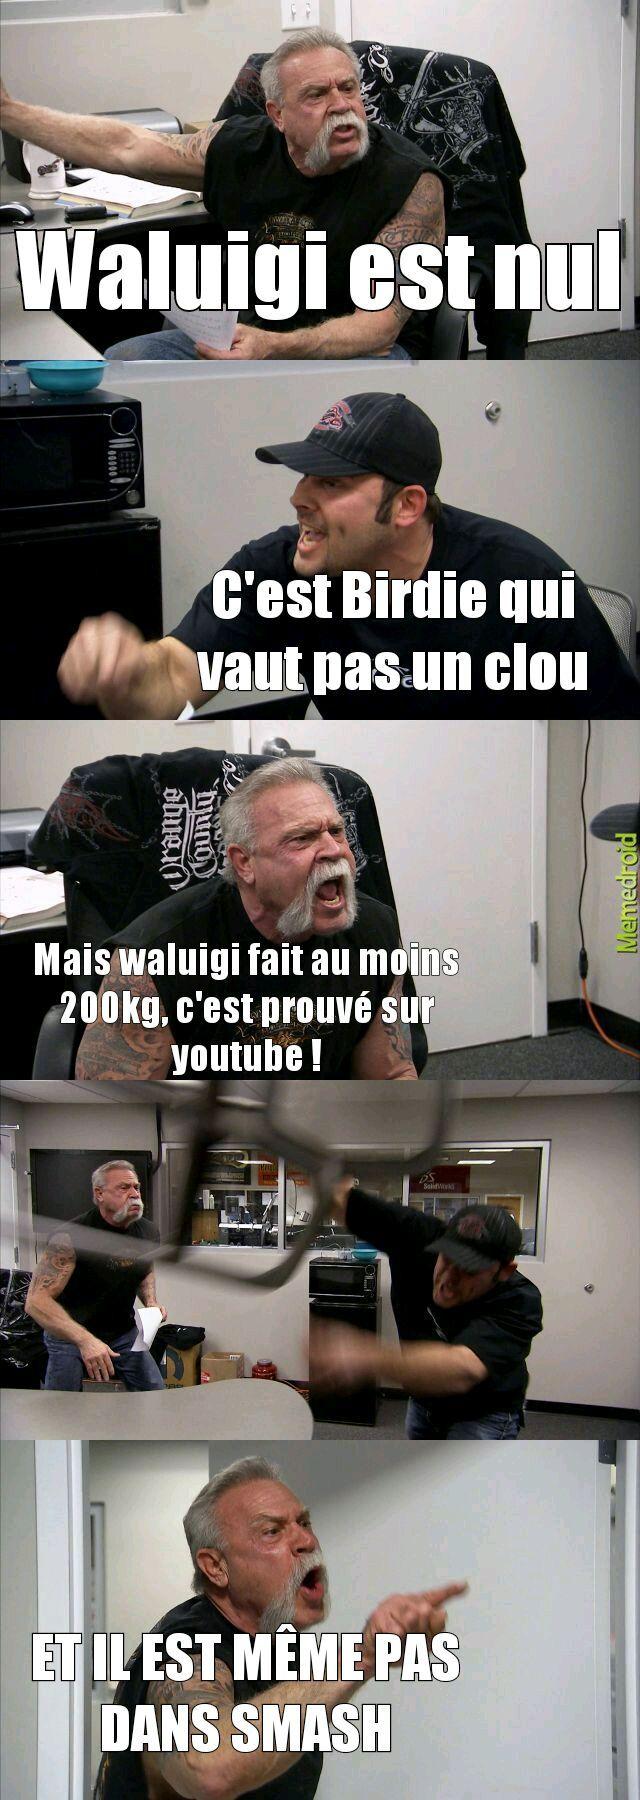 Waluigi smash :'( - meme